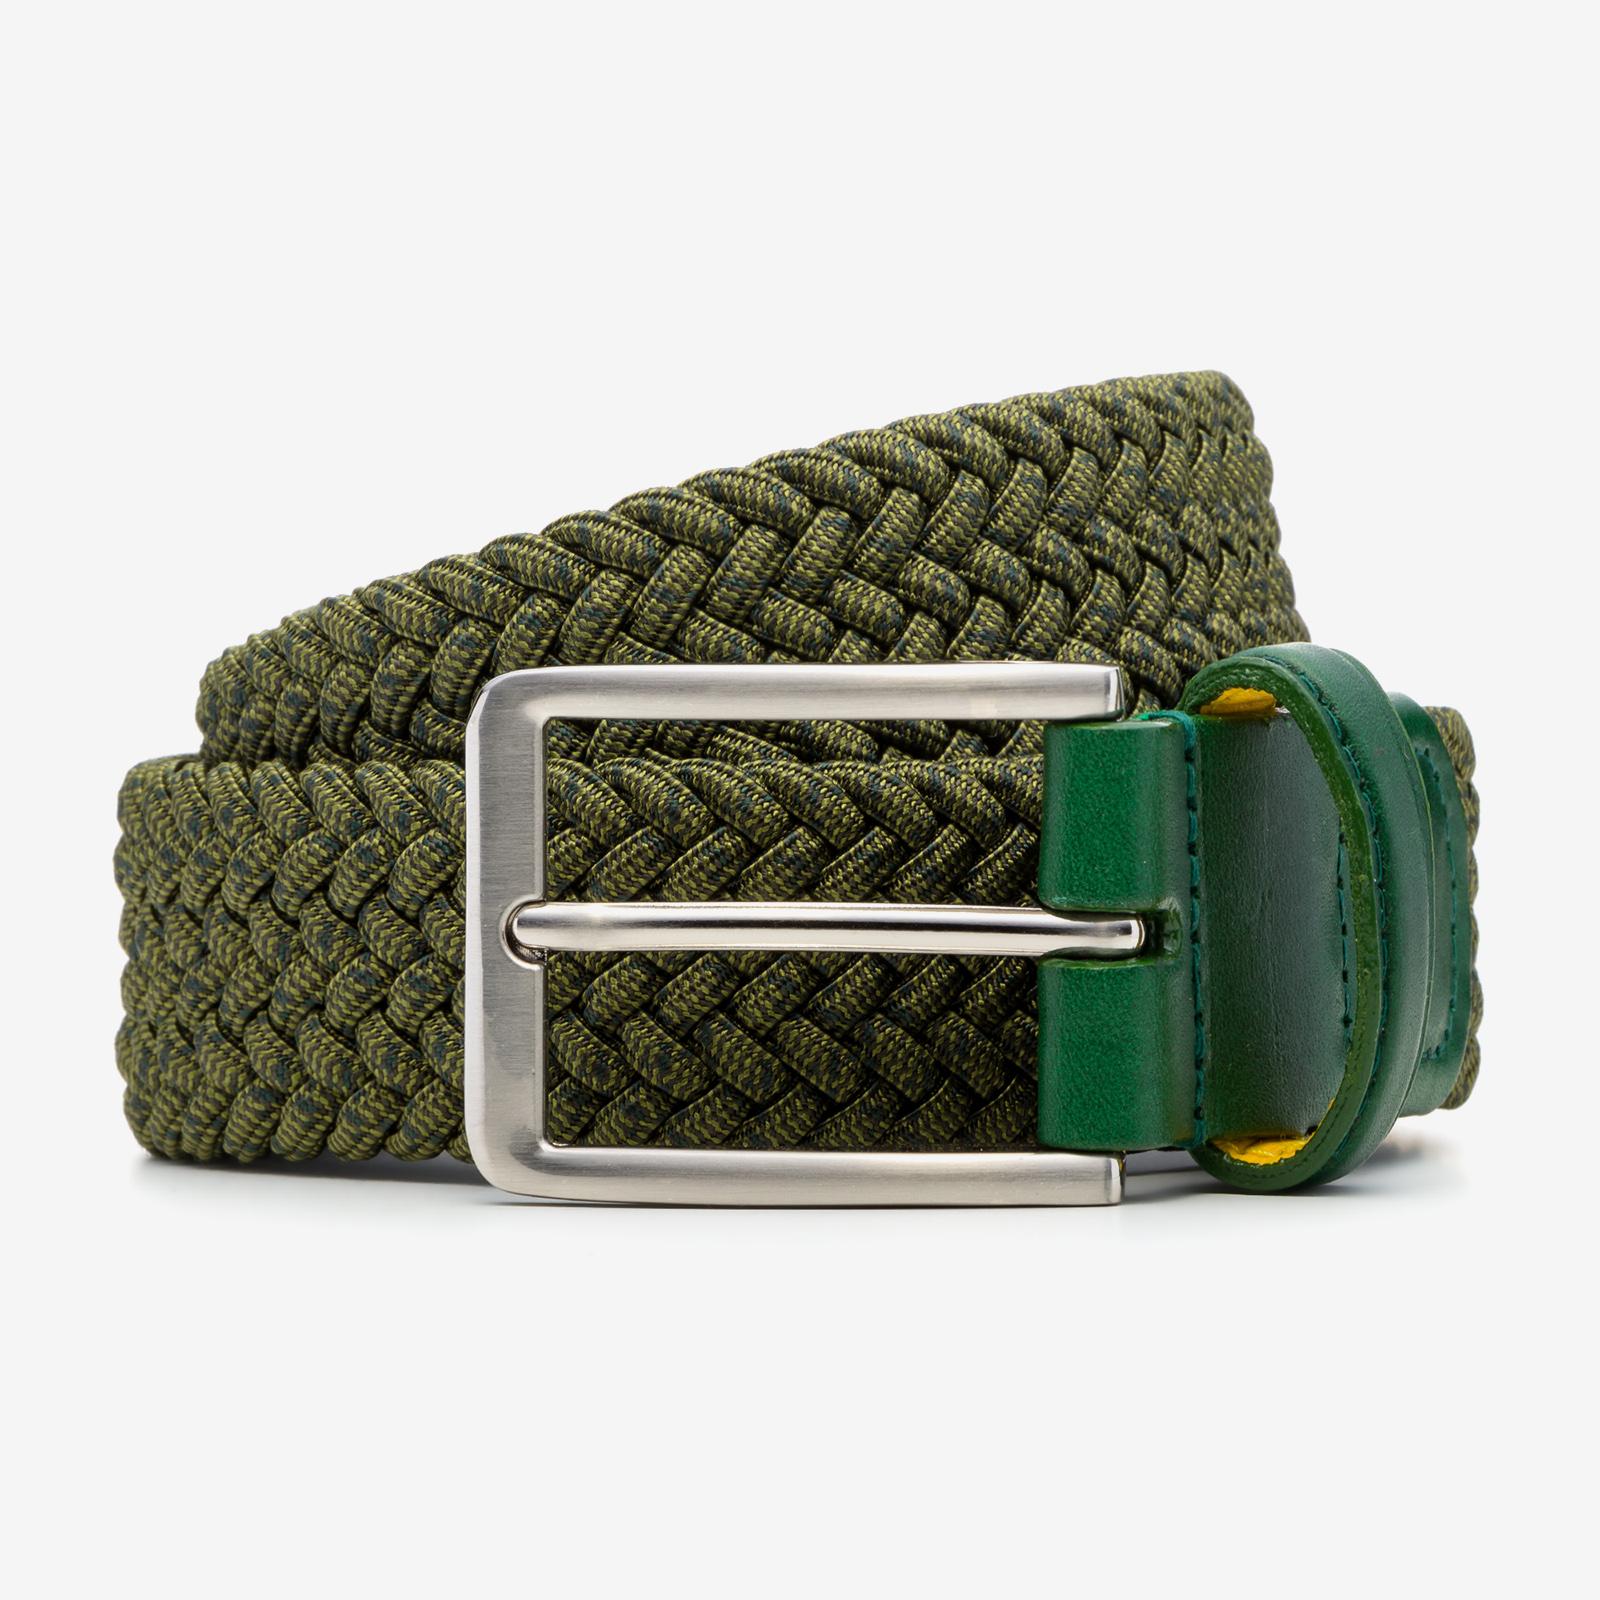 Belt product image